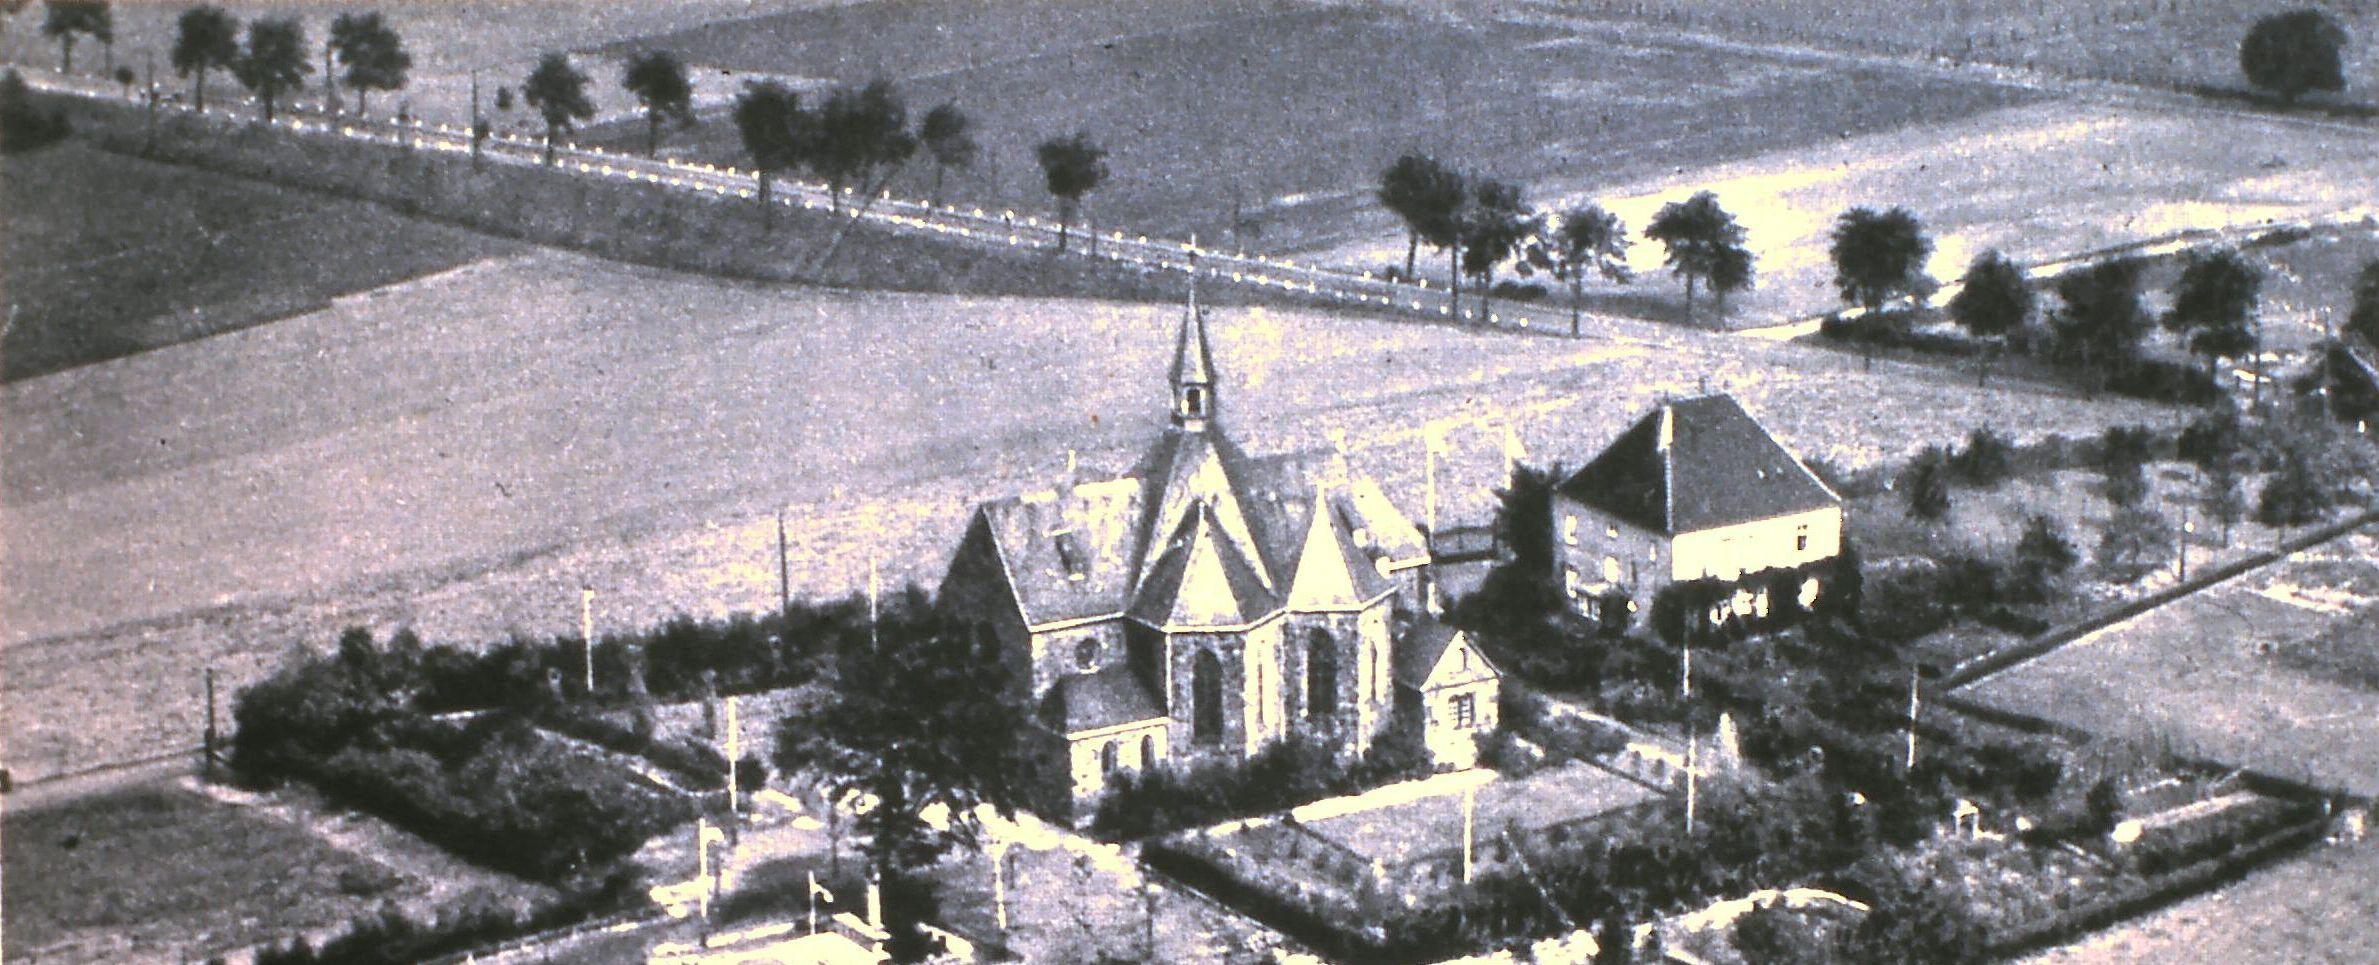 """""""Schreiers Damm"""" am oberen Bildrand zwischen Kloster und dem heutigen Haus Spitz, benannt nach dem seinerzeitigen Wirt Gustav Schreier, auf einer Postkarte, Foto: Archiv W. Dickten"""